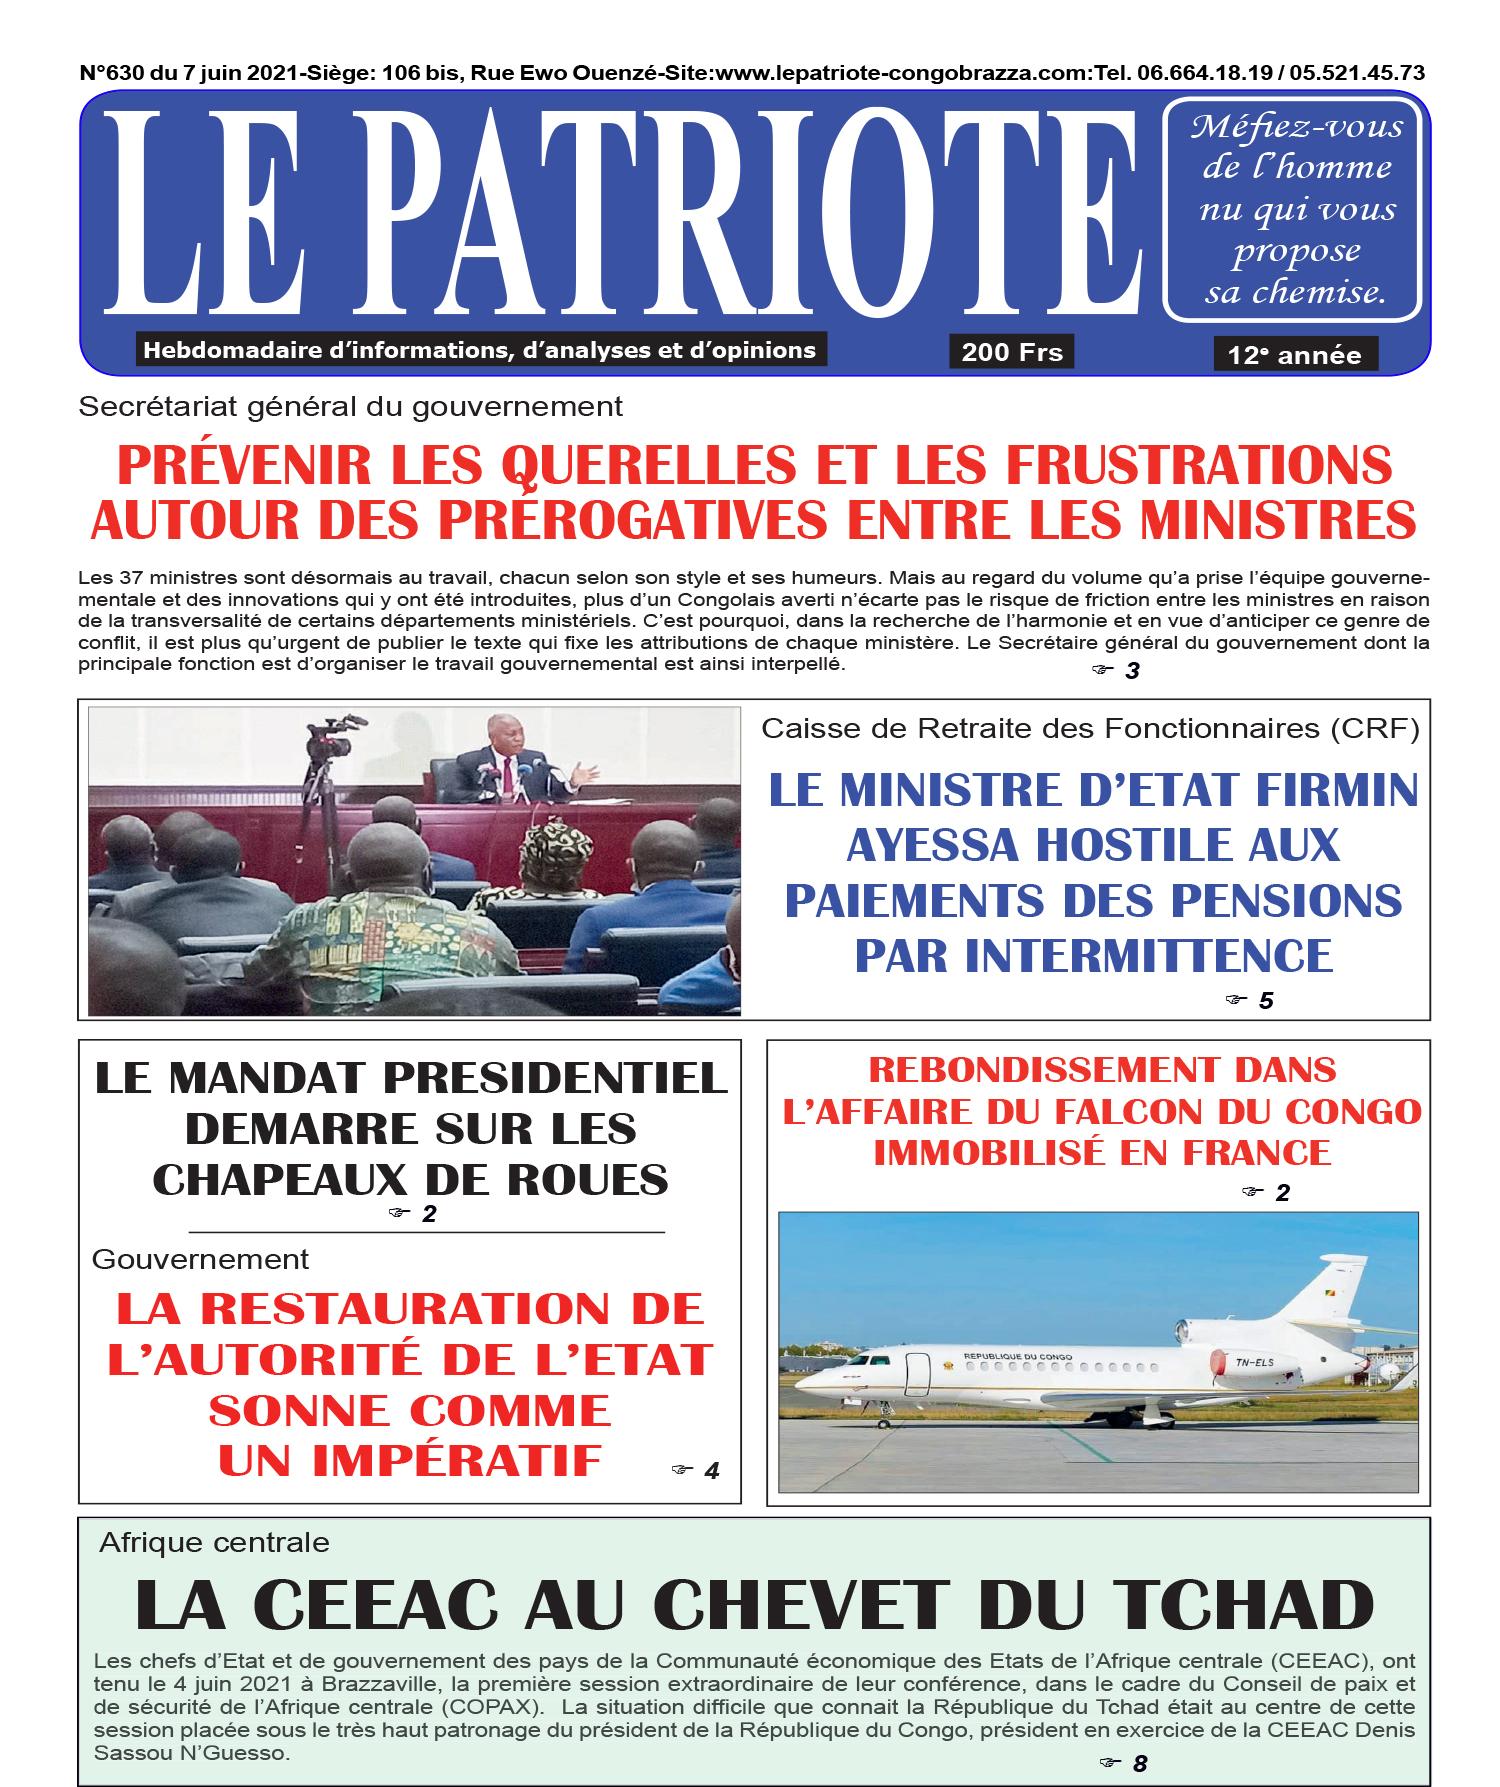 Cover Le Patriote - 630